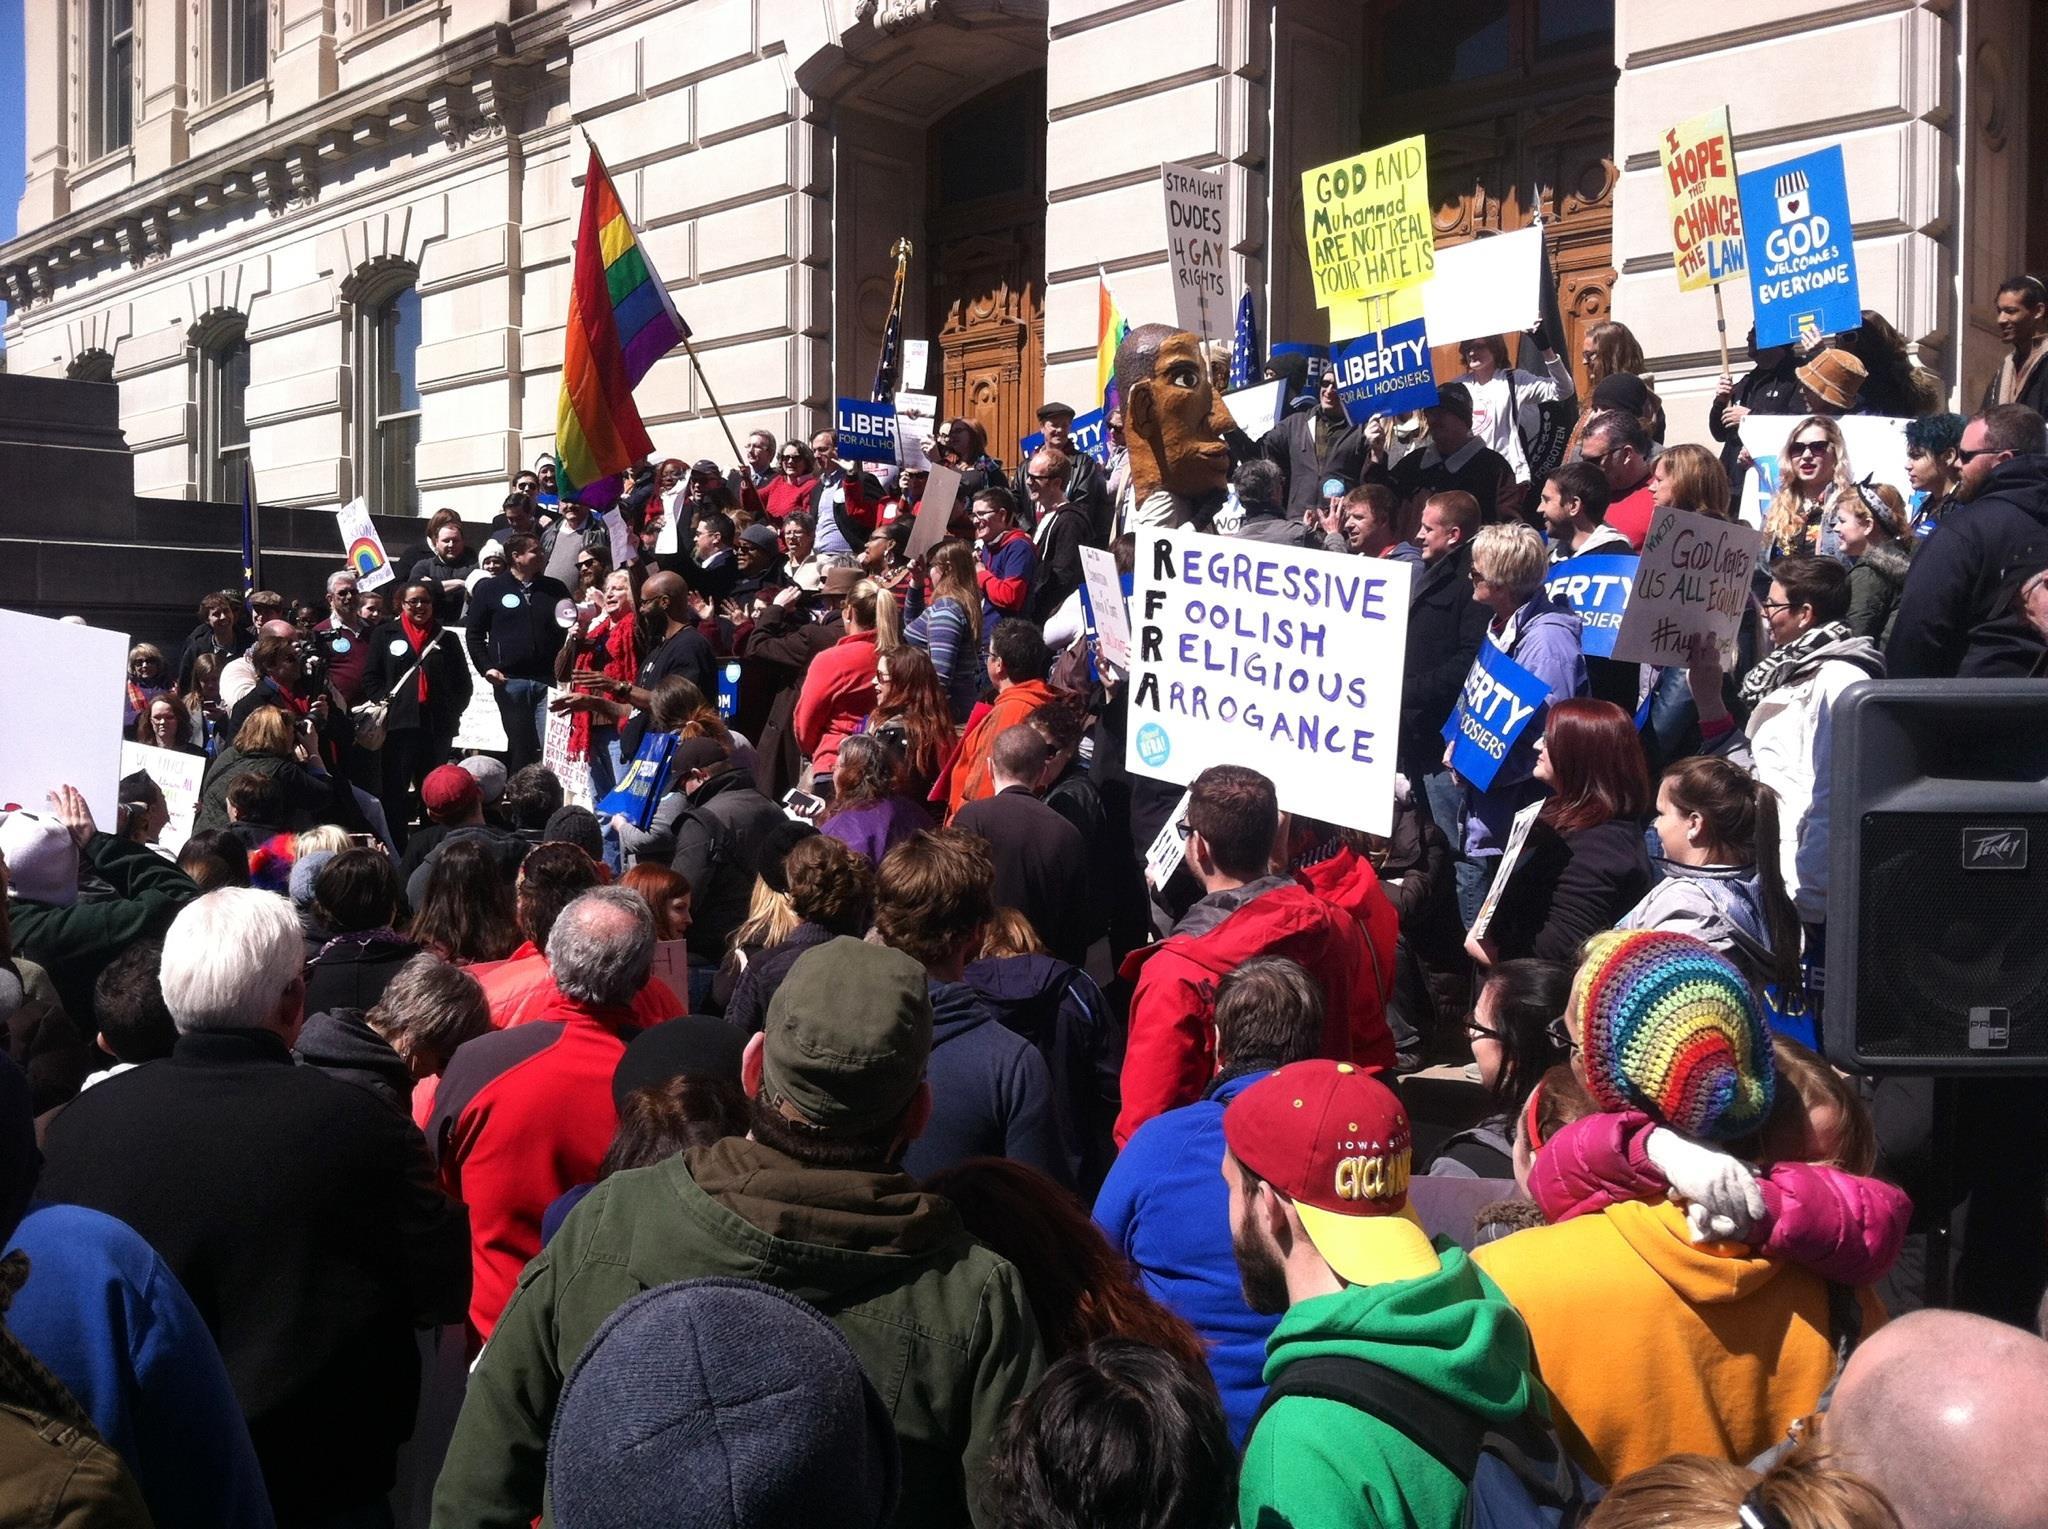 Protestors opposing Indiana's RFRA